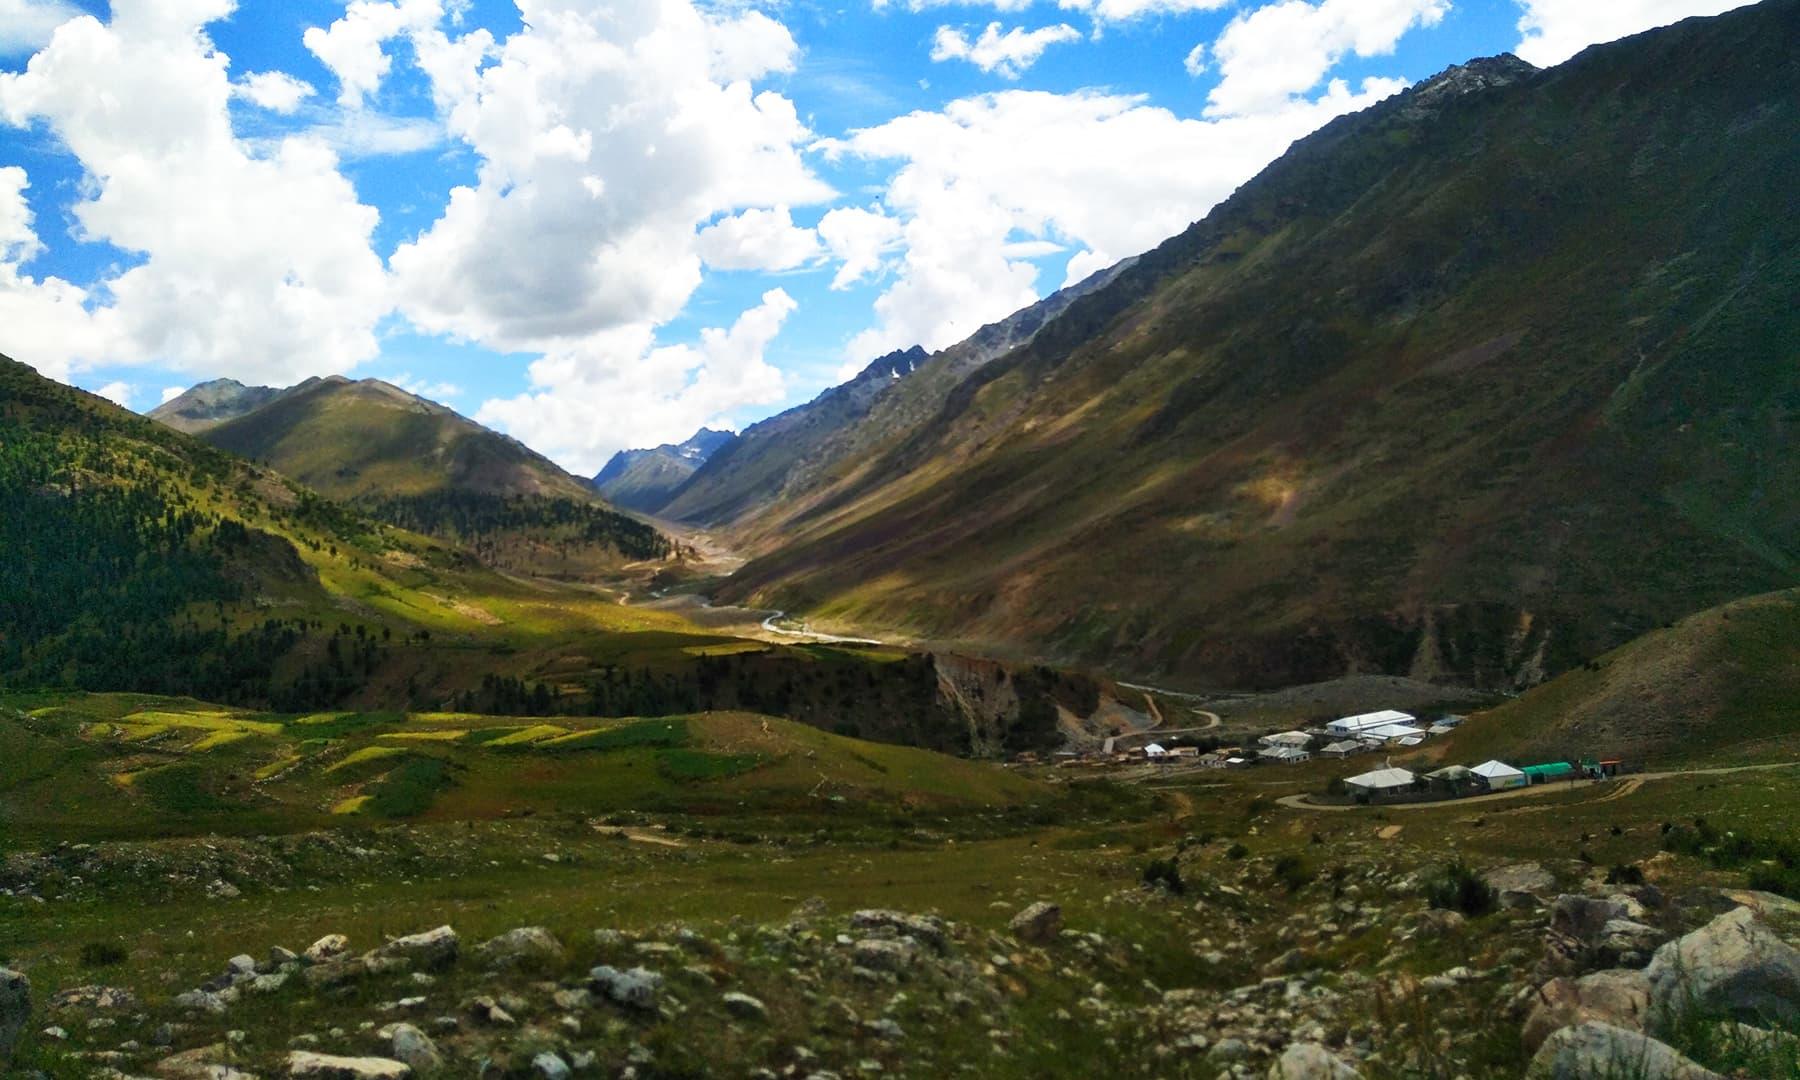 دیوسائی کی بلندیاں چڑھتے ہوئے چلم چوکی کا خوبصورت ٹاؤن نظر آتا ہے —تصویر عظمت اکبر